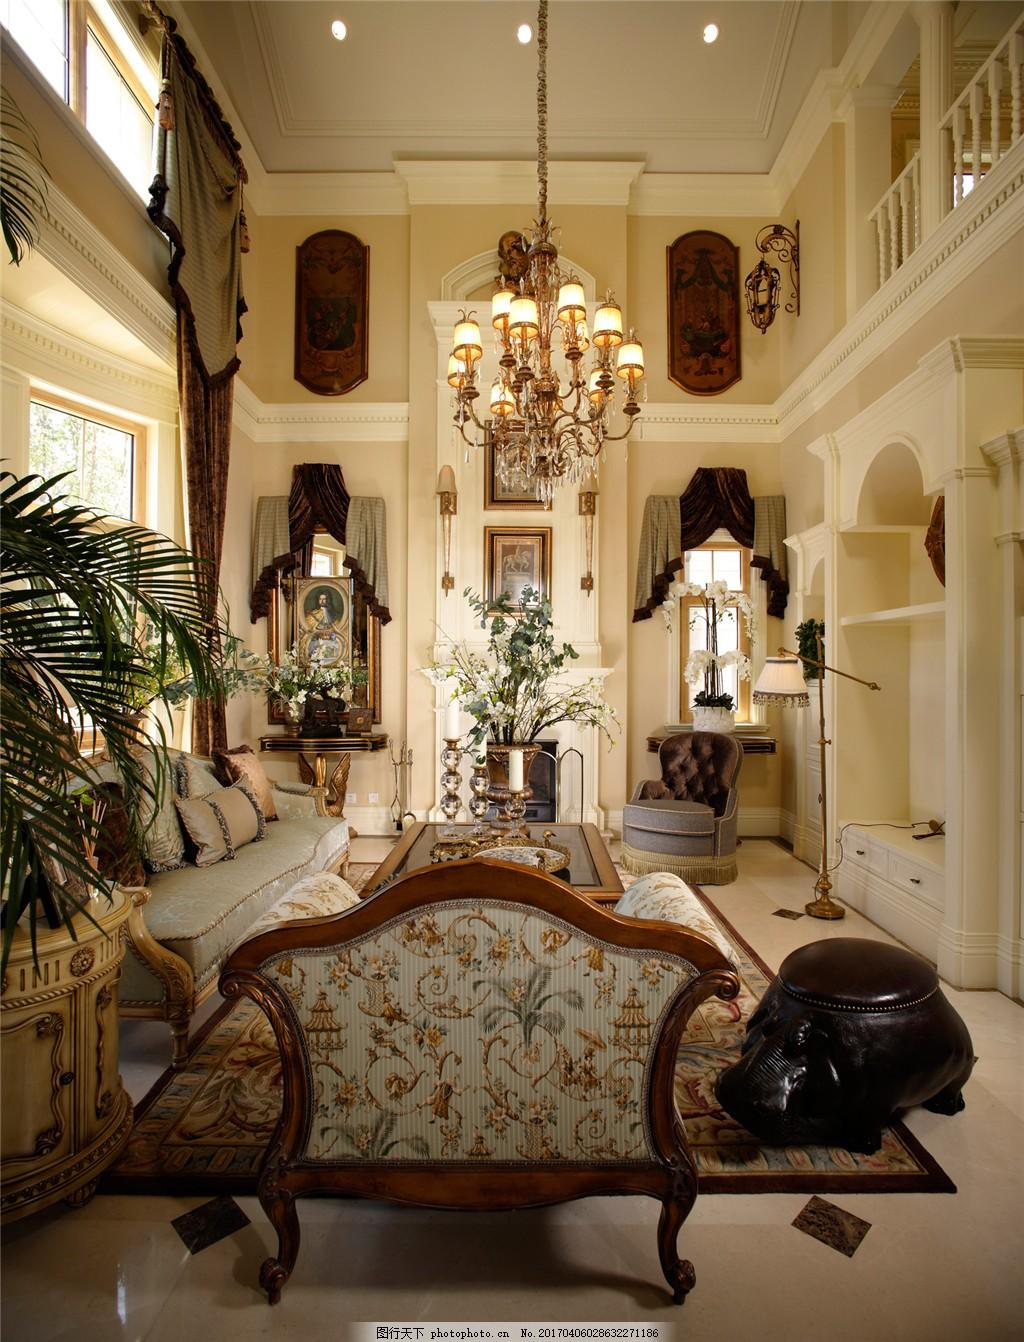 豪华客厅室内设计家装效果图 欧式 绿树 花纹椅背 挂灯 沙发